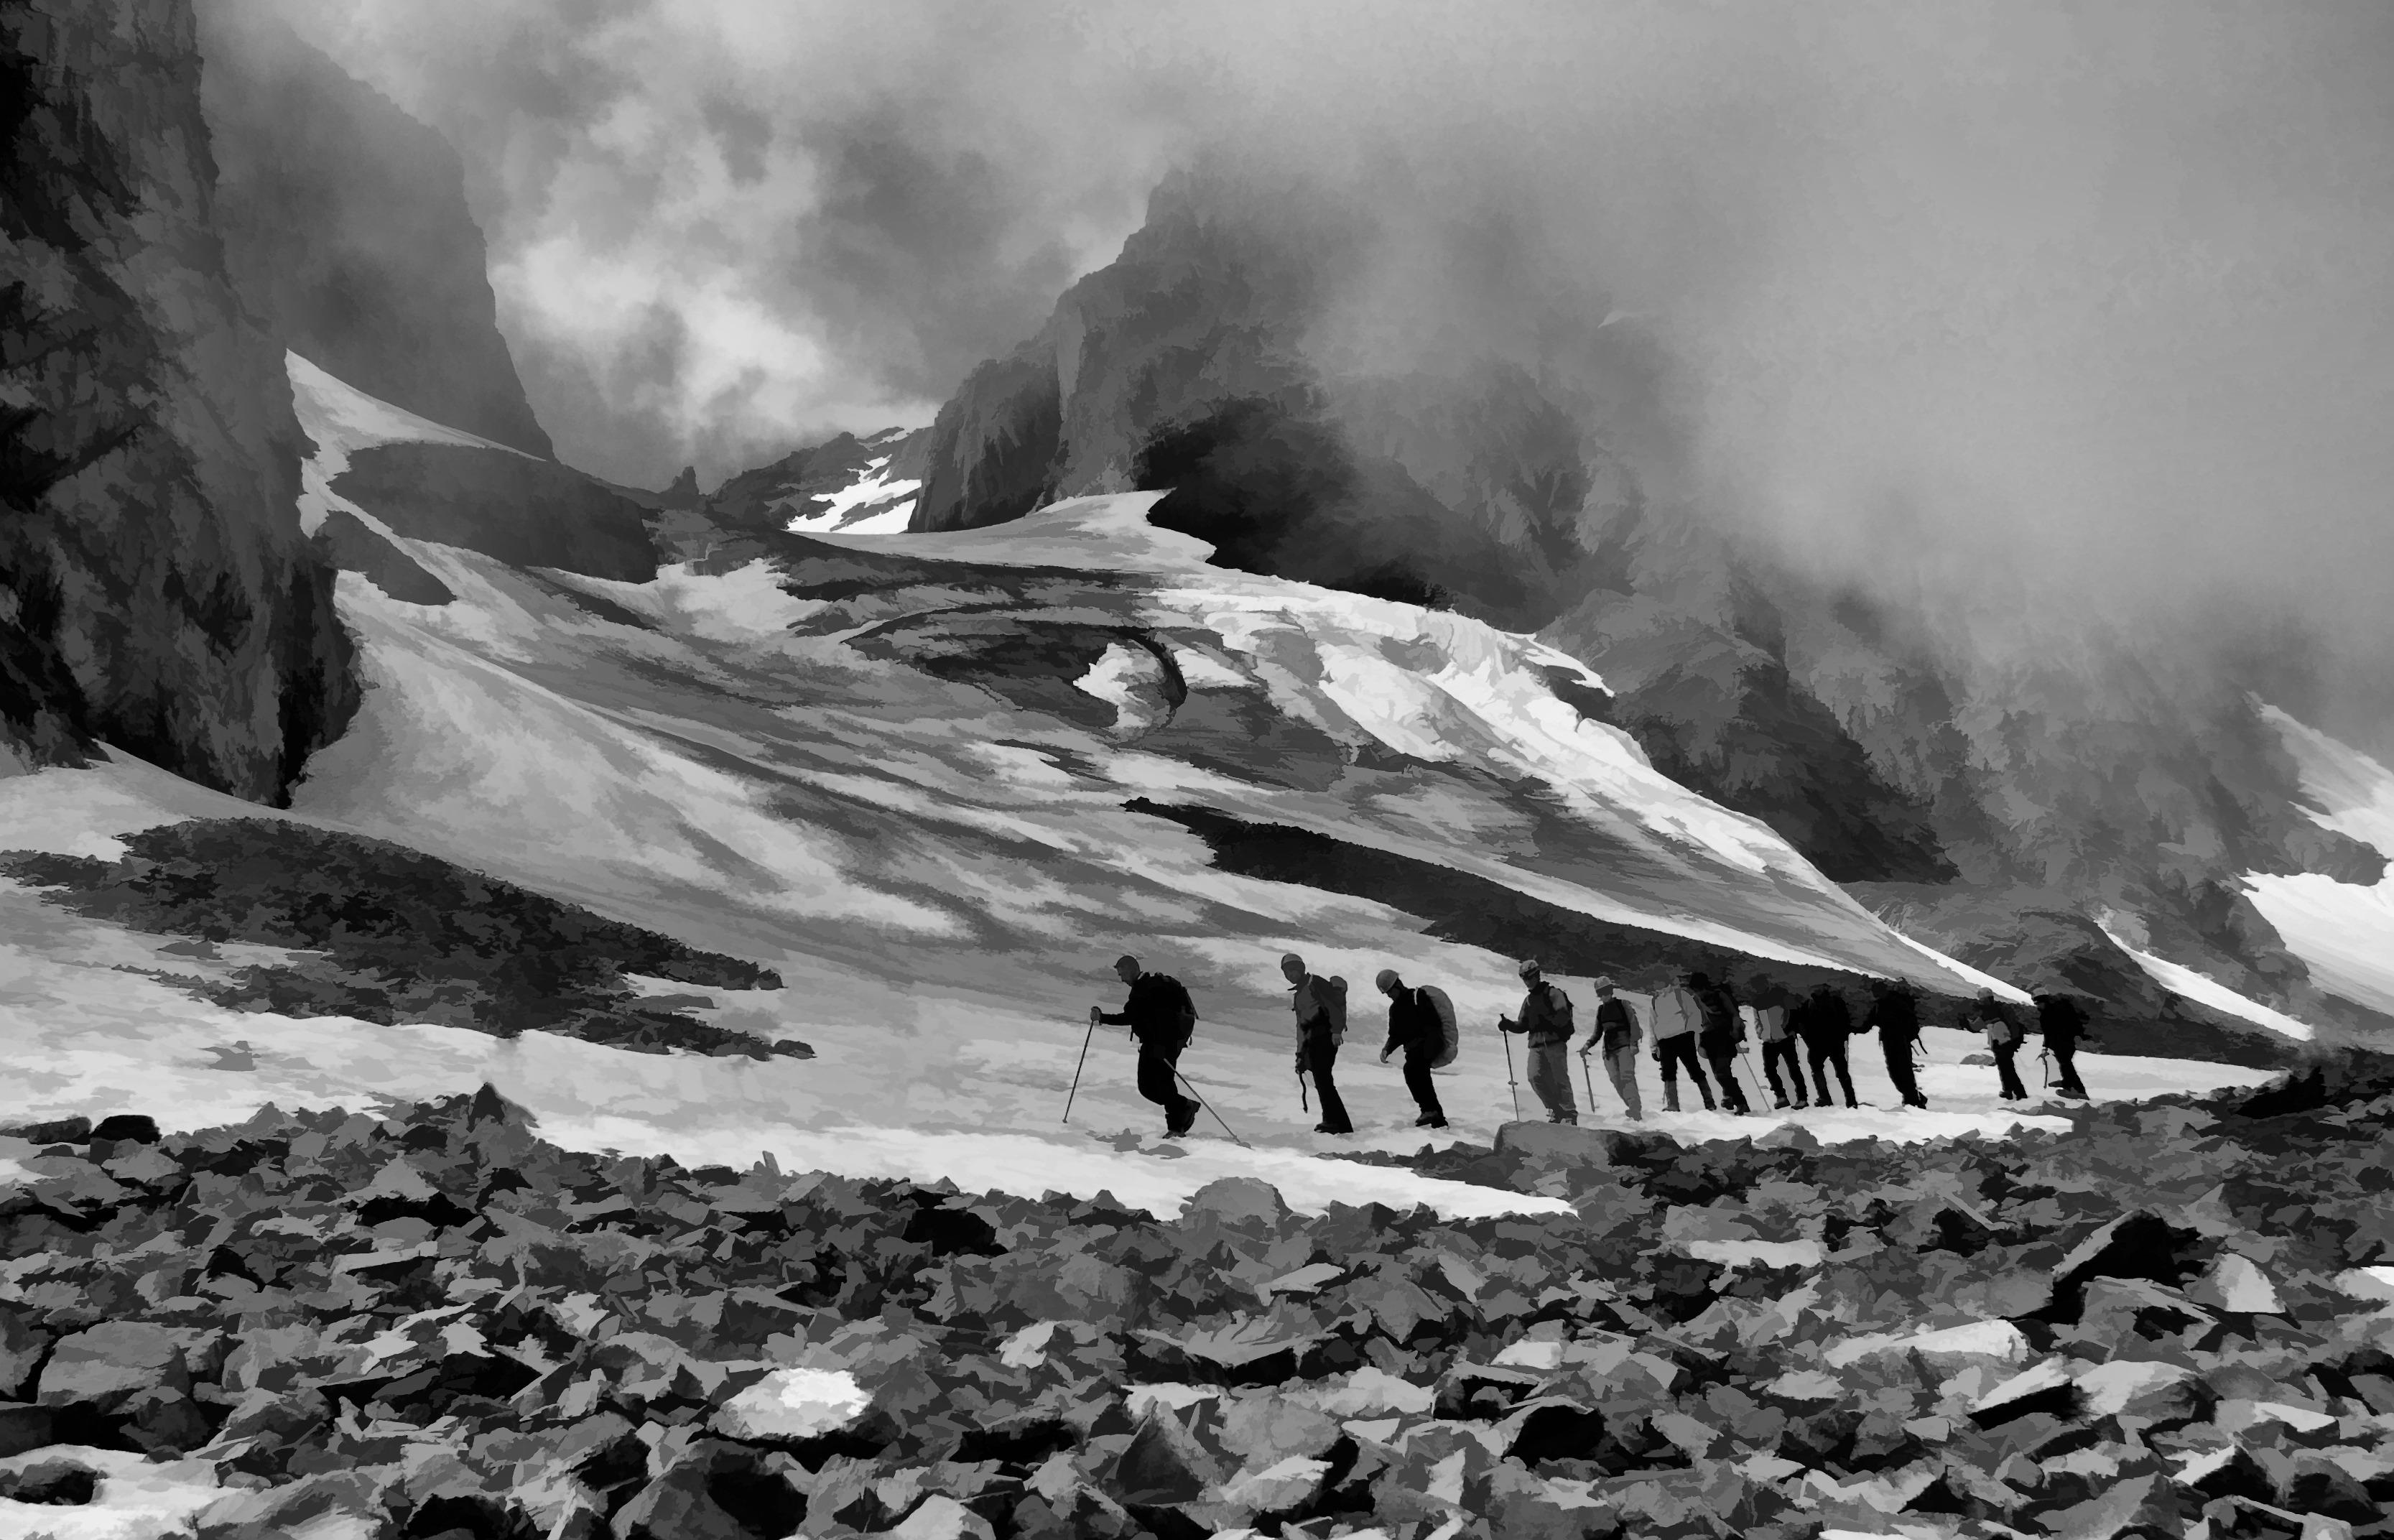 Gambar Pemandangan Batu Berjalan Salju Musim Dingin Awan